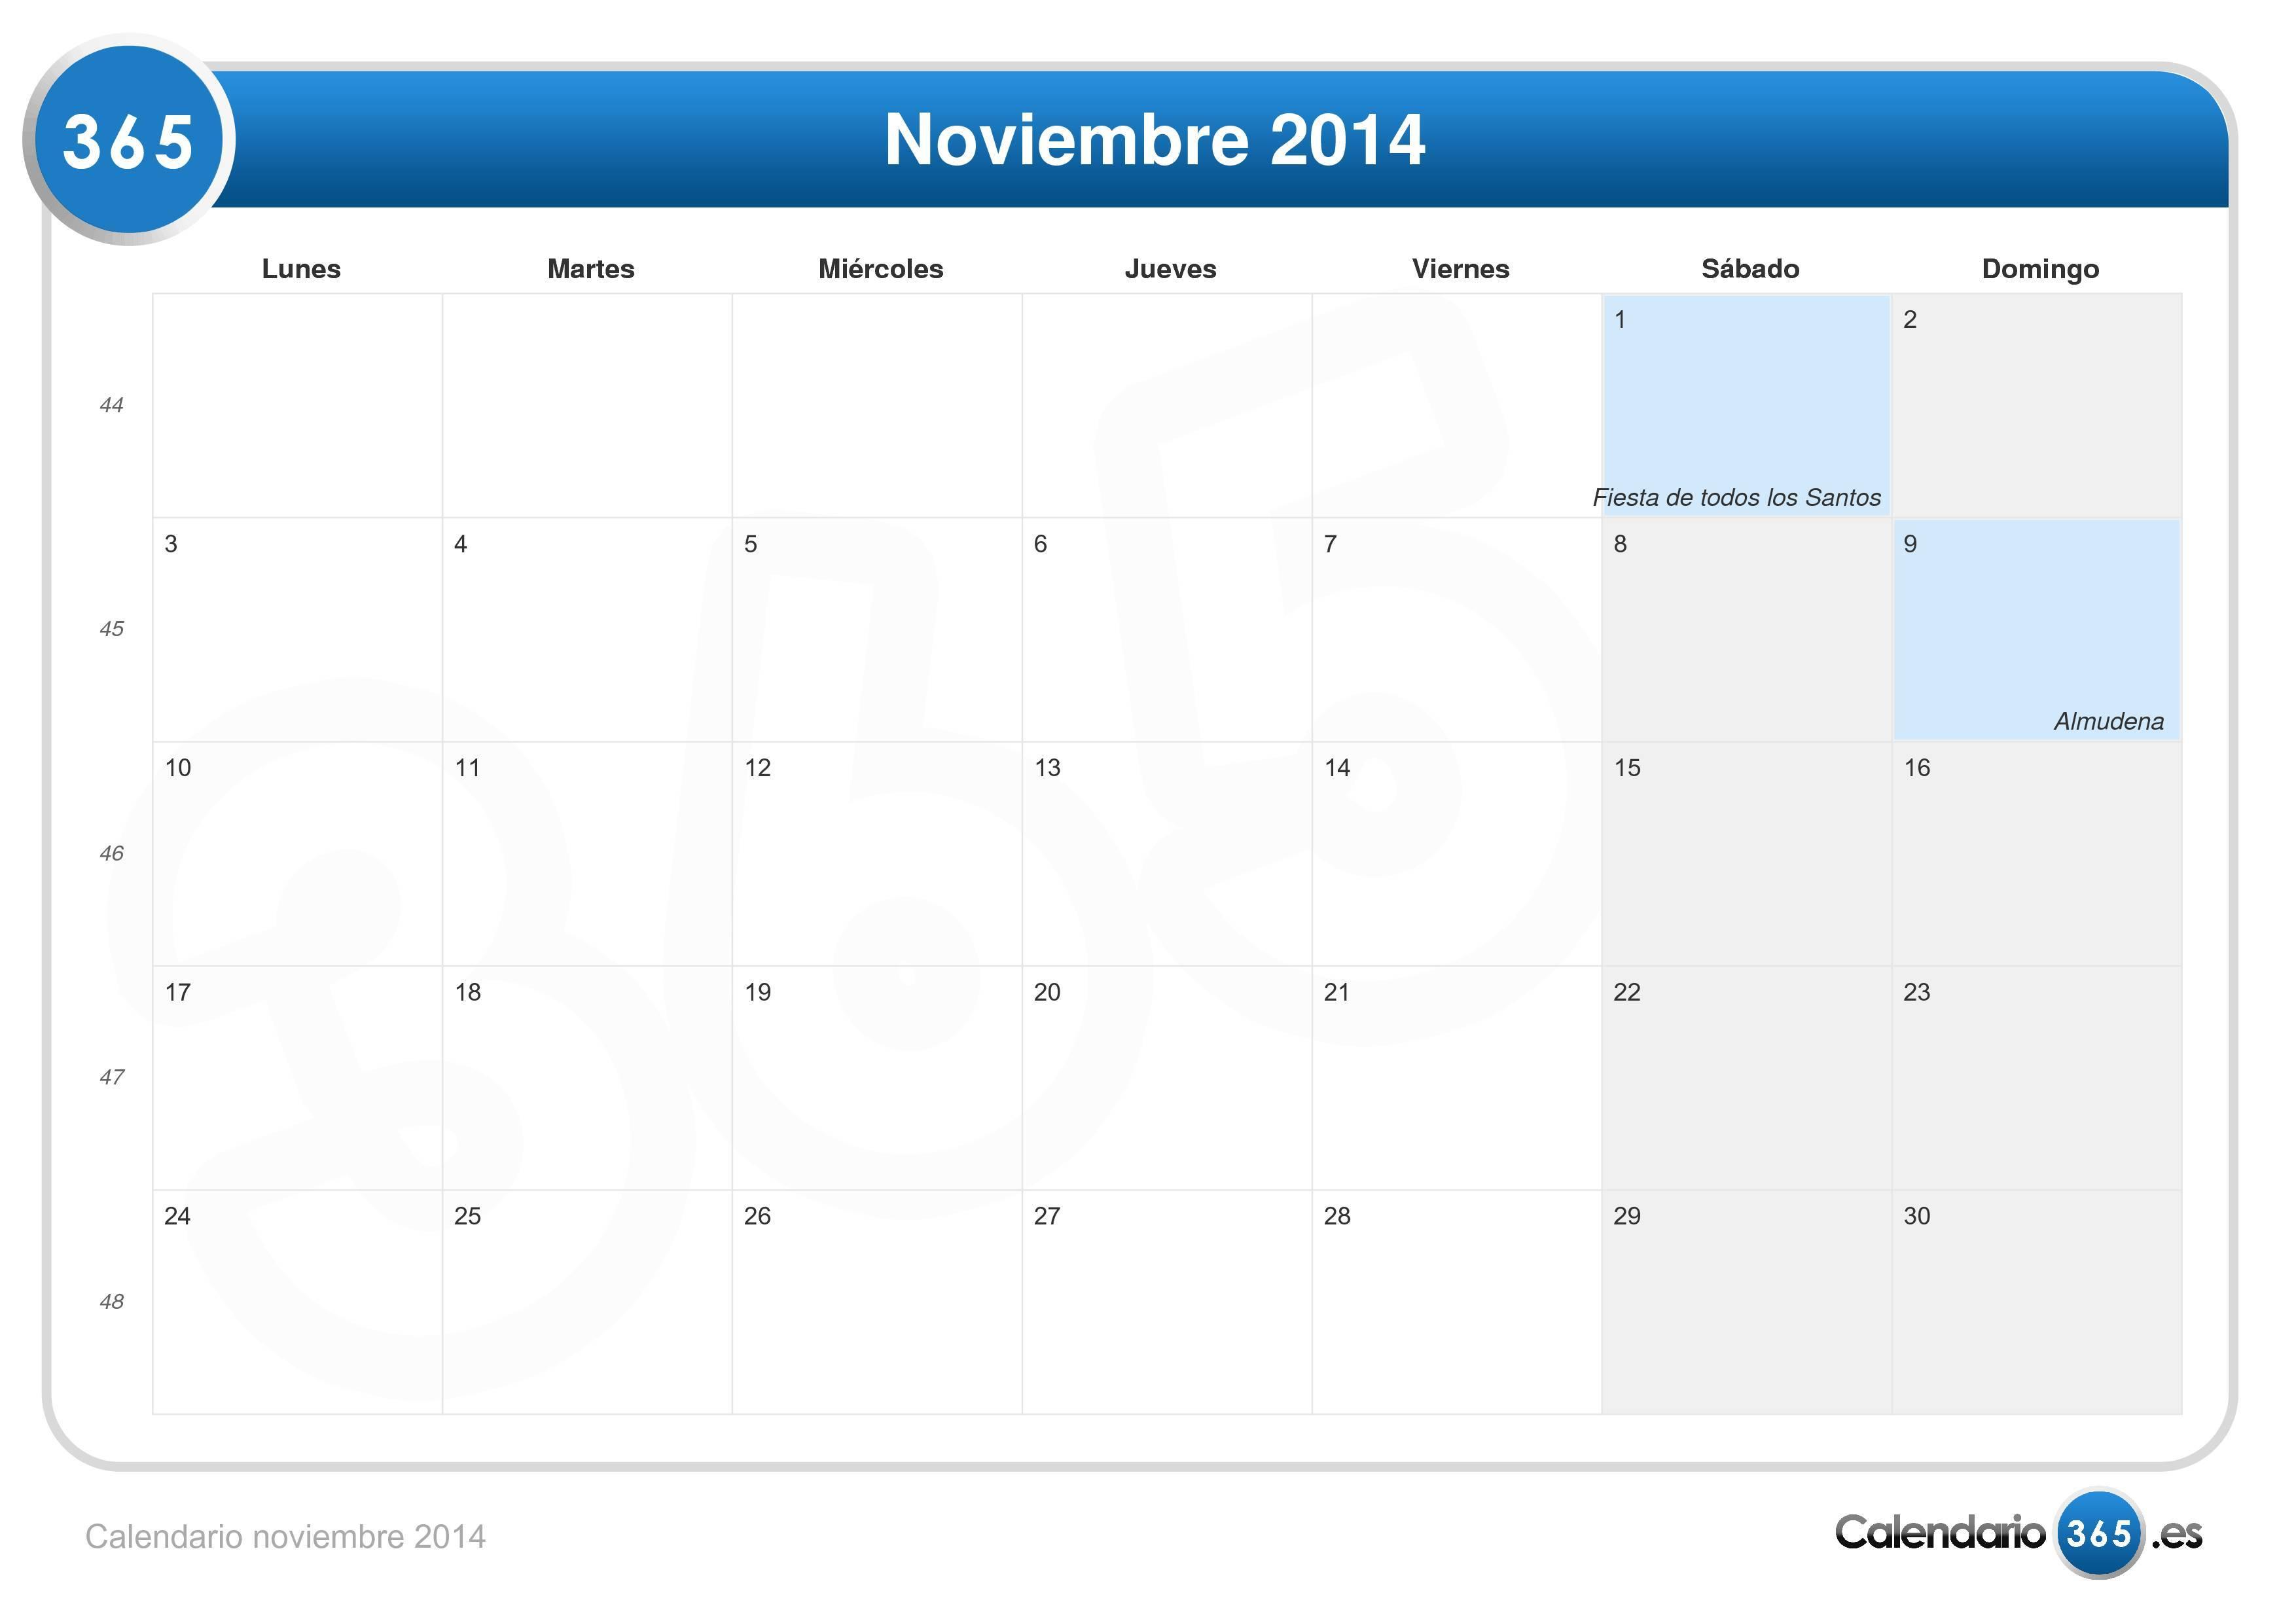 27 28 29 30 de noviembre: